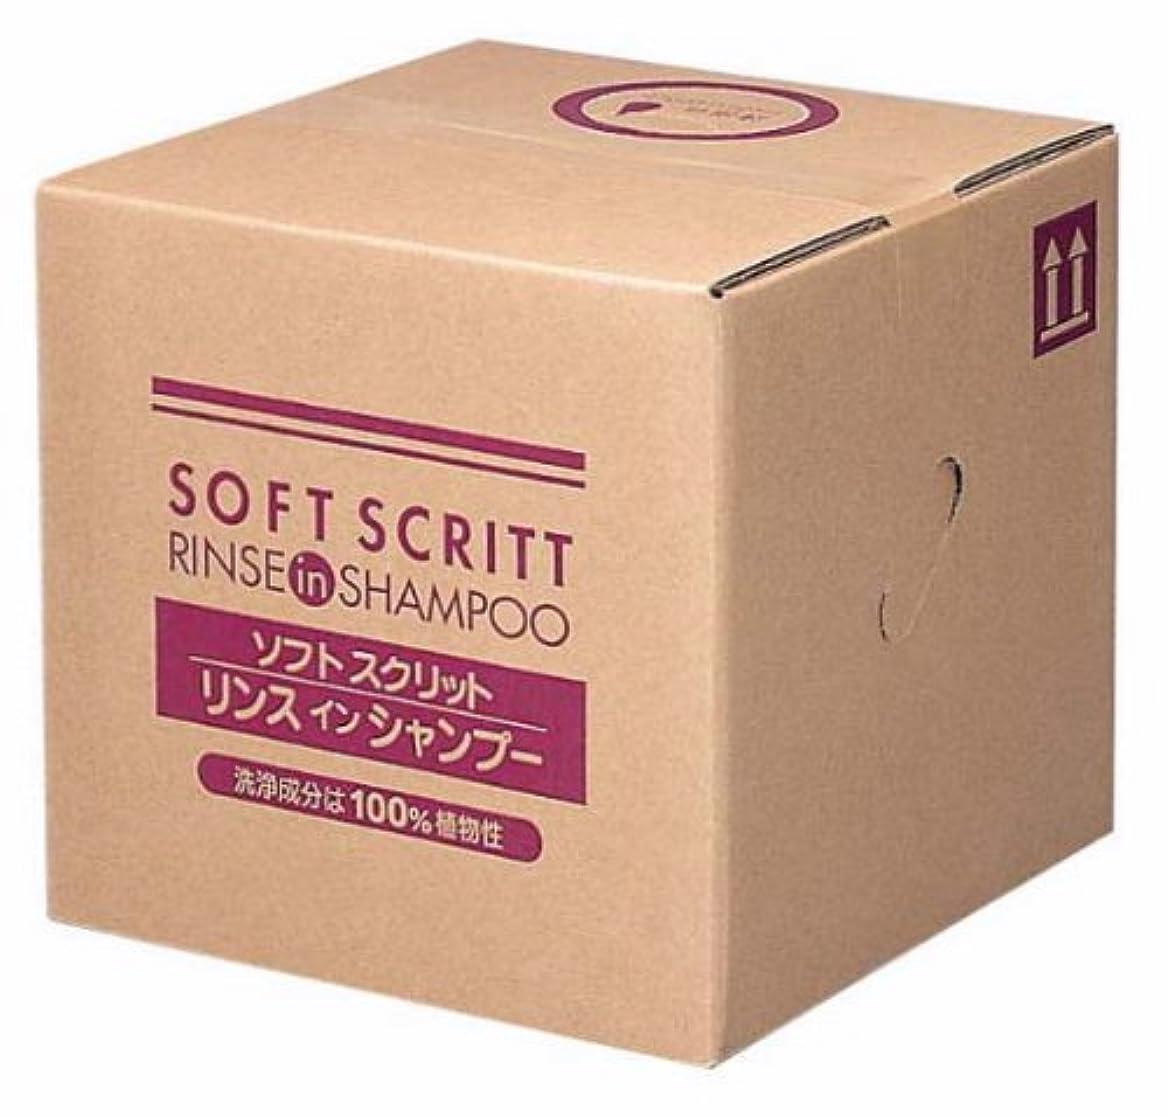 熊野油脂 業務用 SOFT SCRITT(ソフト スクリット) リンスインシャンプー 18L